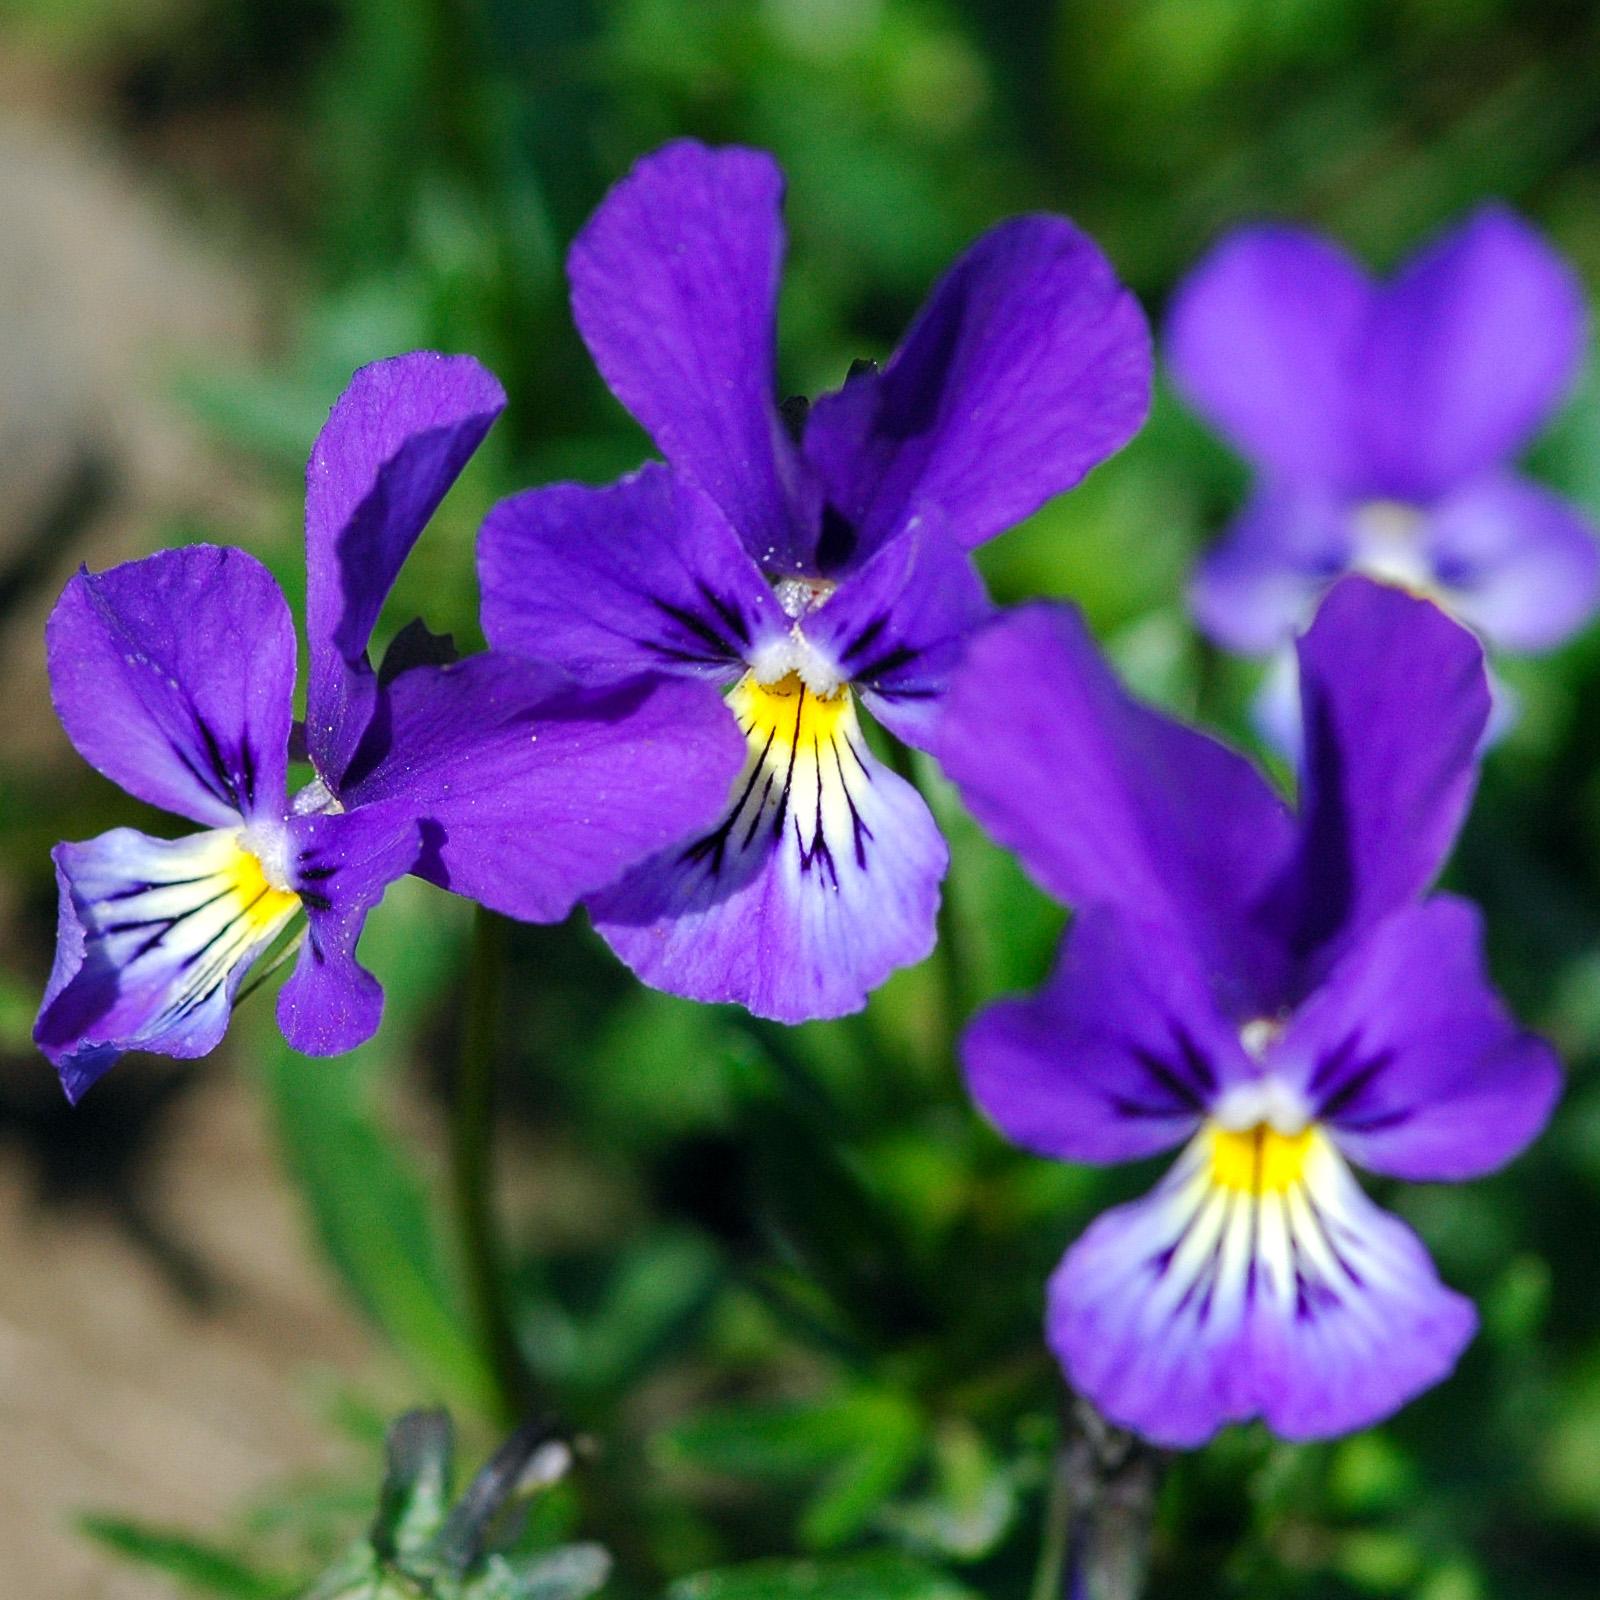 La violette tricolore viola tricolor - Image fleur violette ...